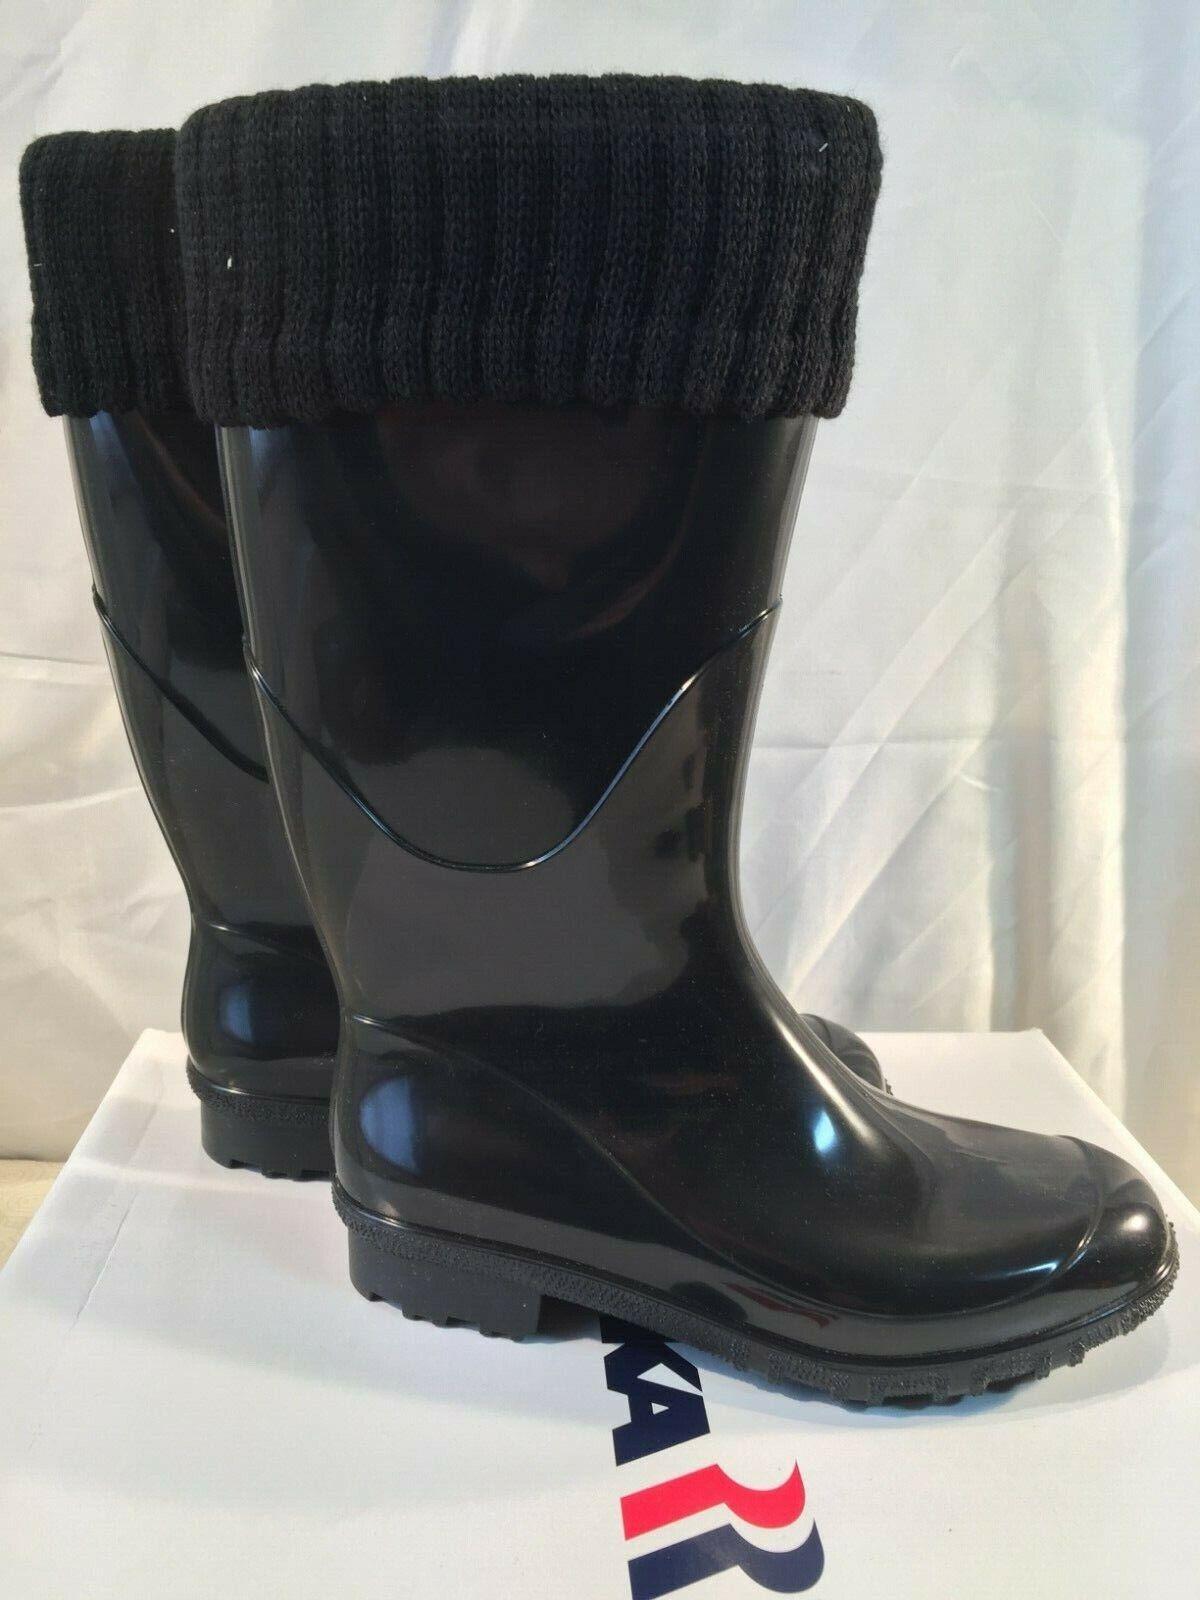 Romika ADELAIDE 04 Ladies Winter House Warm Comfort Wide Fit Mule Slippers Black